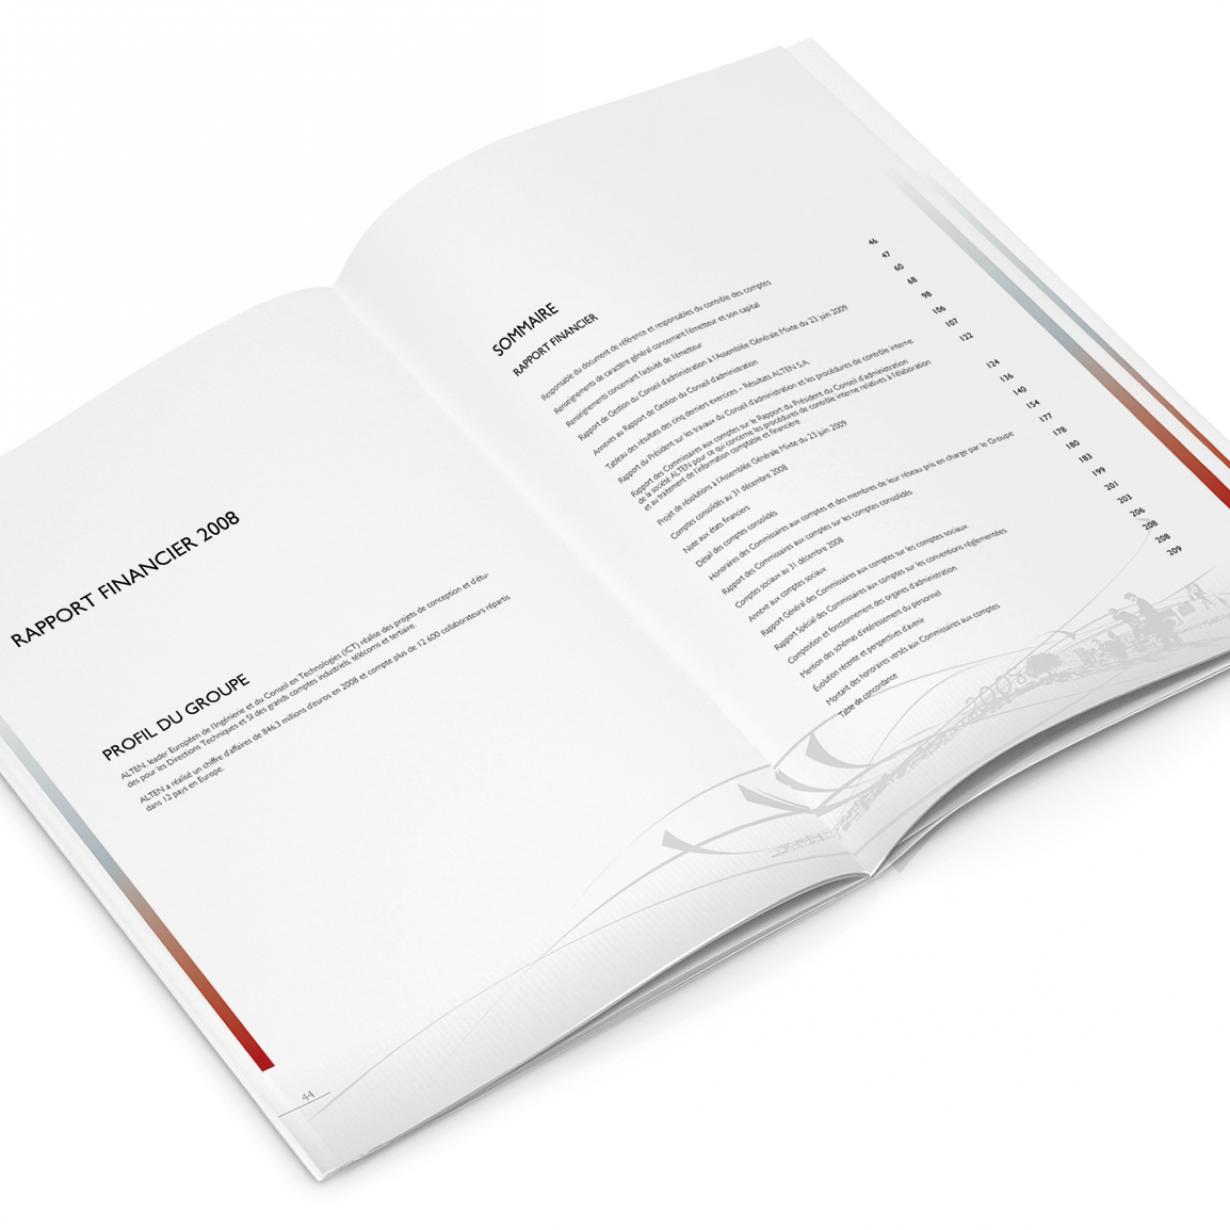 Alten - Rapport annuel